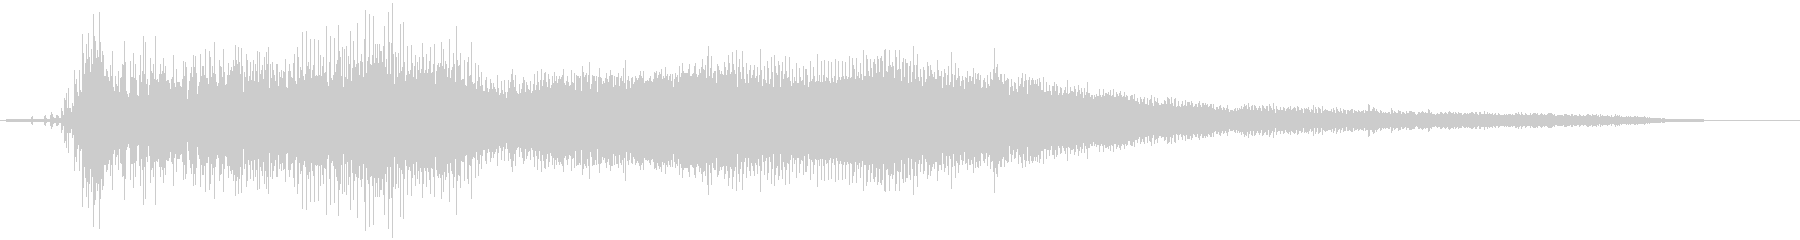 セスナフロートプレーン:スタート、...の未再生の波形